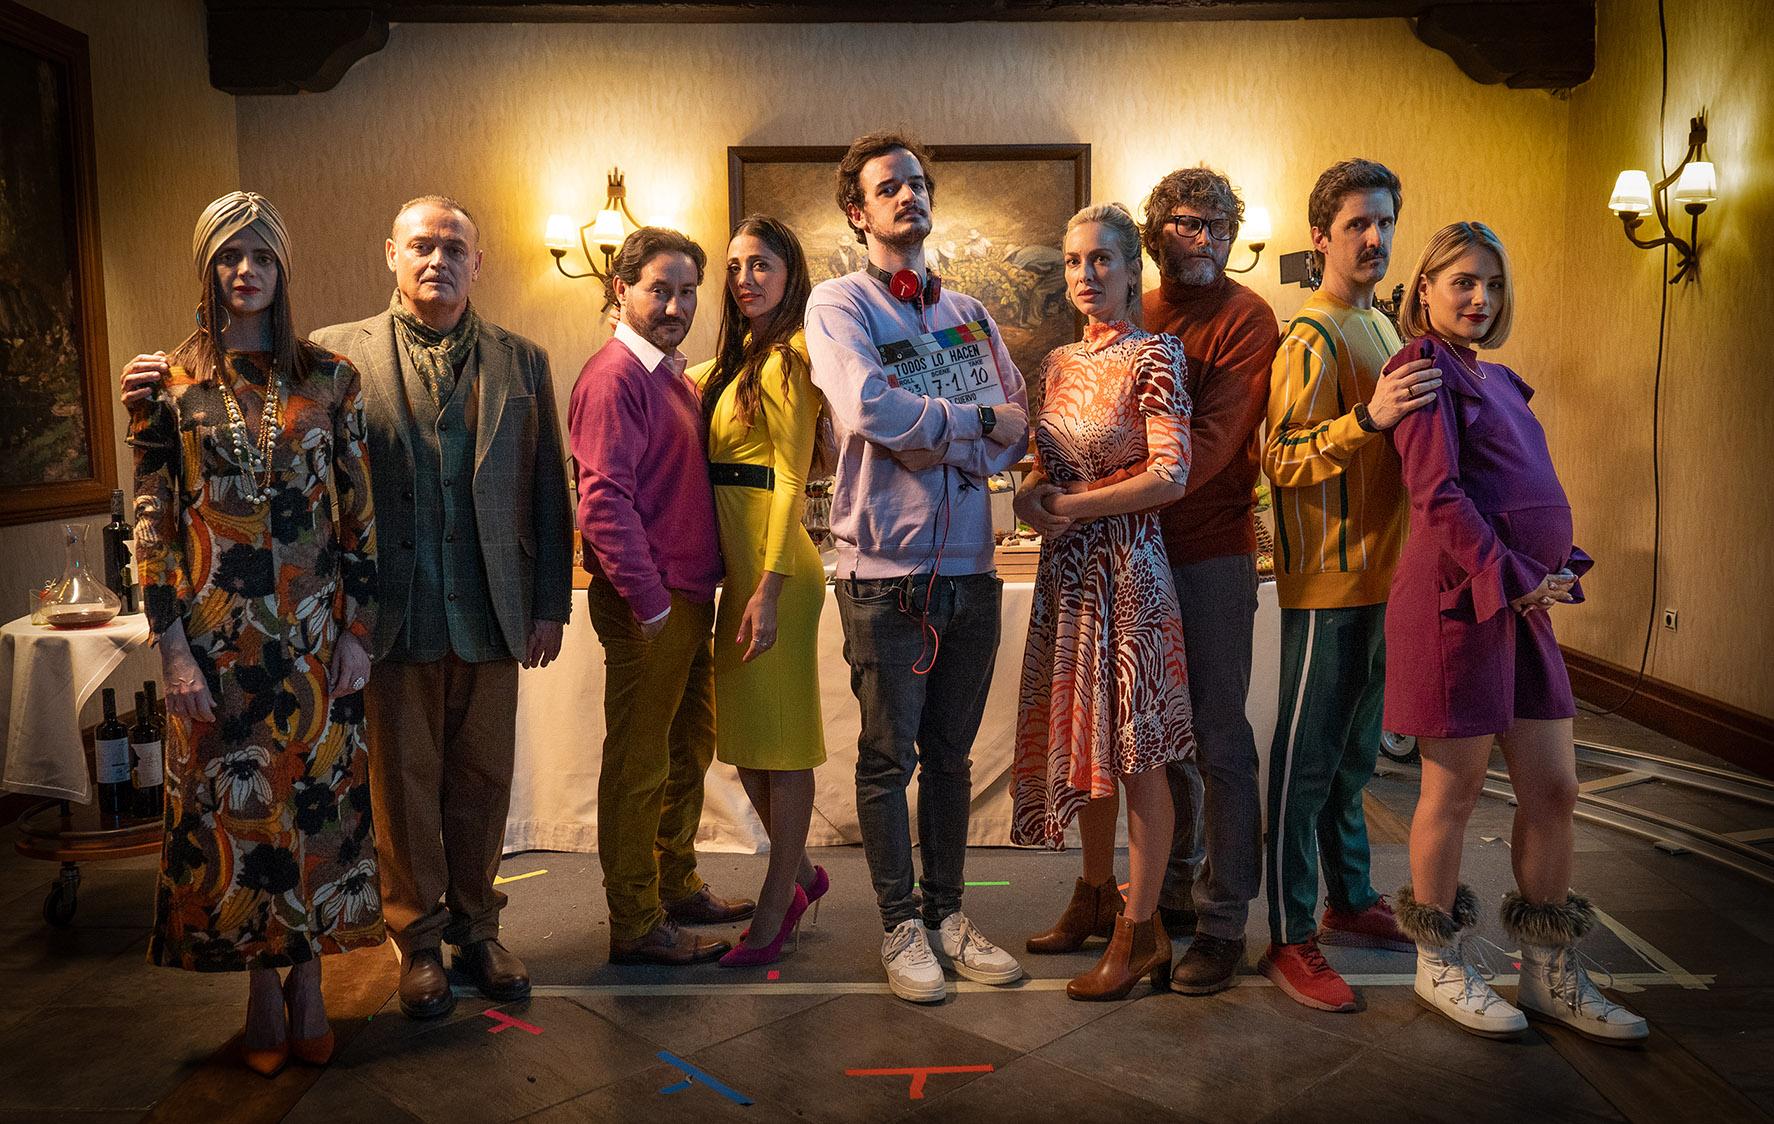 Comienza el rodaje de Todos lo hacen segundo largometraje de Martín Cuervo